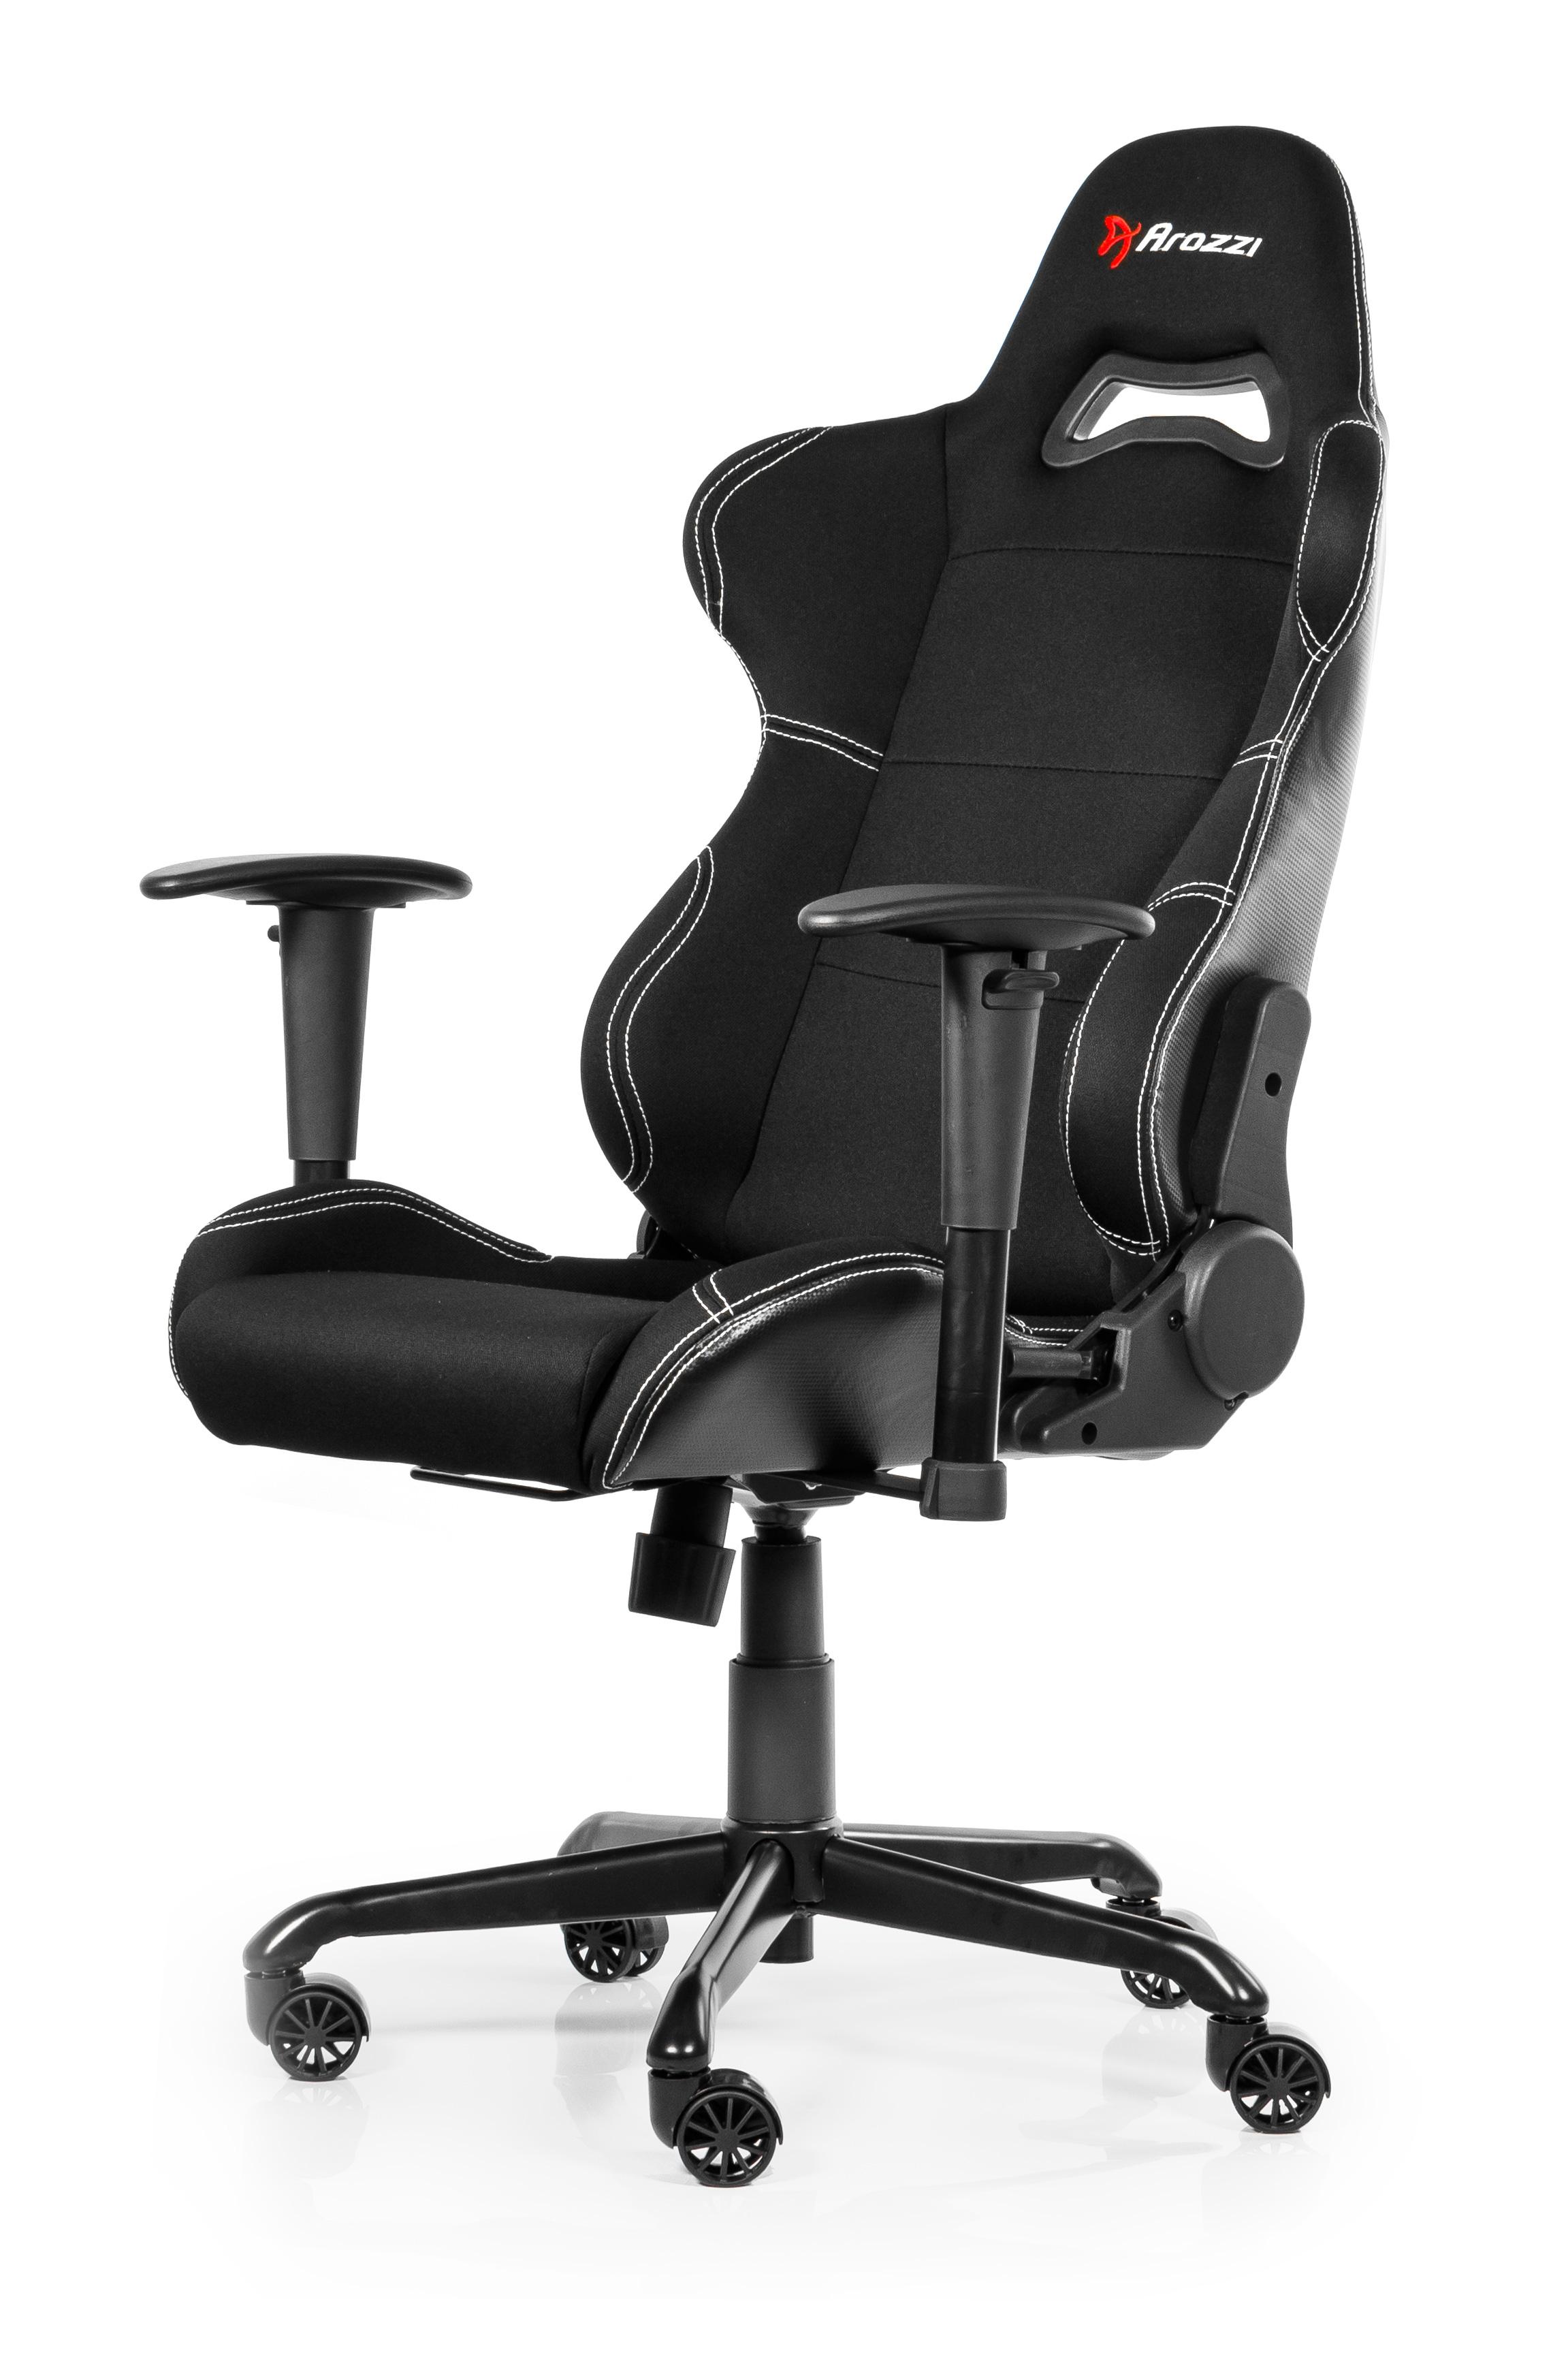 Arozzi Torretta - Universal-Gamingstuhl - 105 kg - Gepolsterter Sitz - Gepolsterte Rückenlehne - Anthrazit - Schwarz